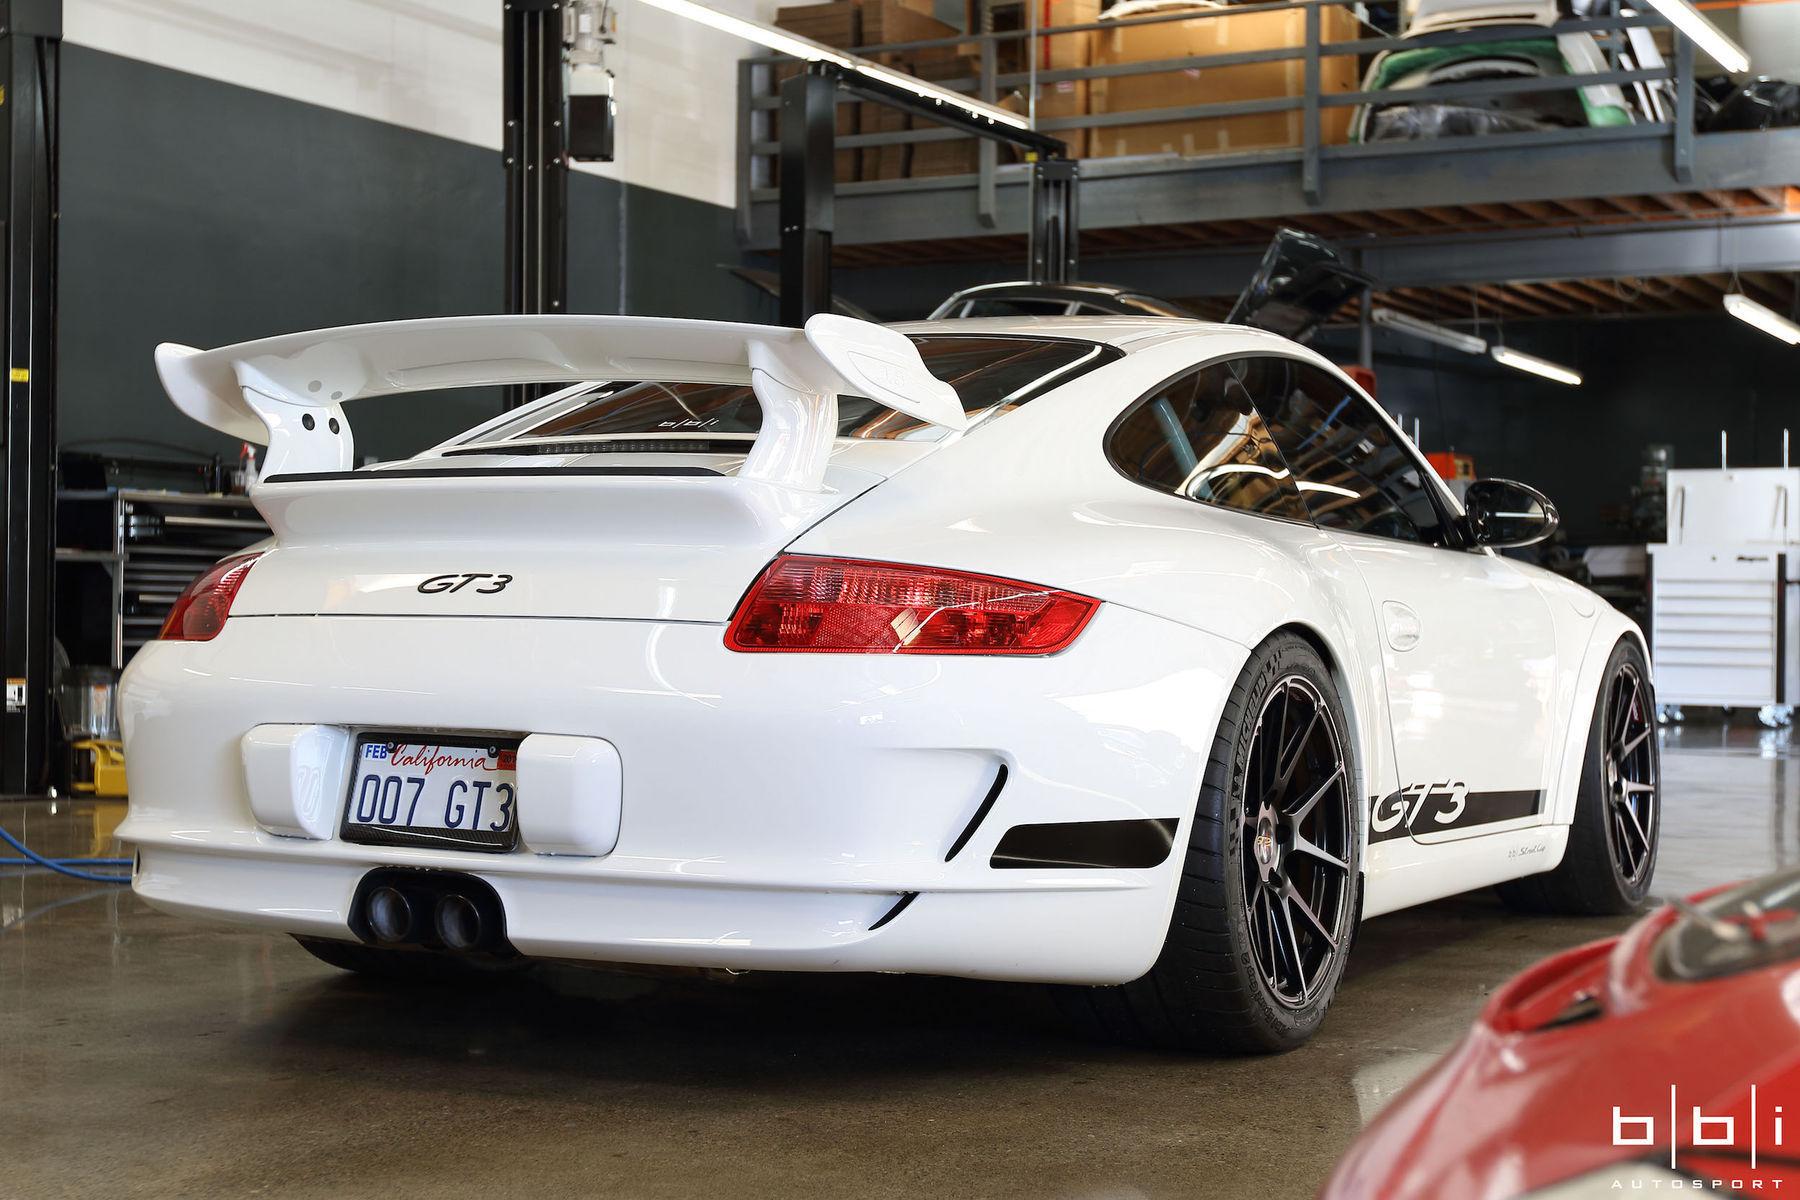 2008 Porsche 911 | BBi Autosport's